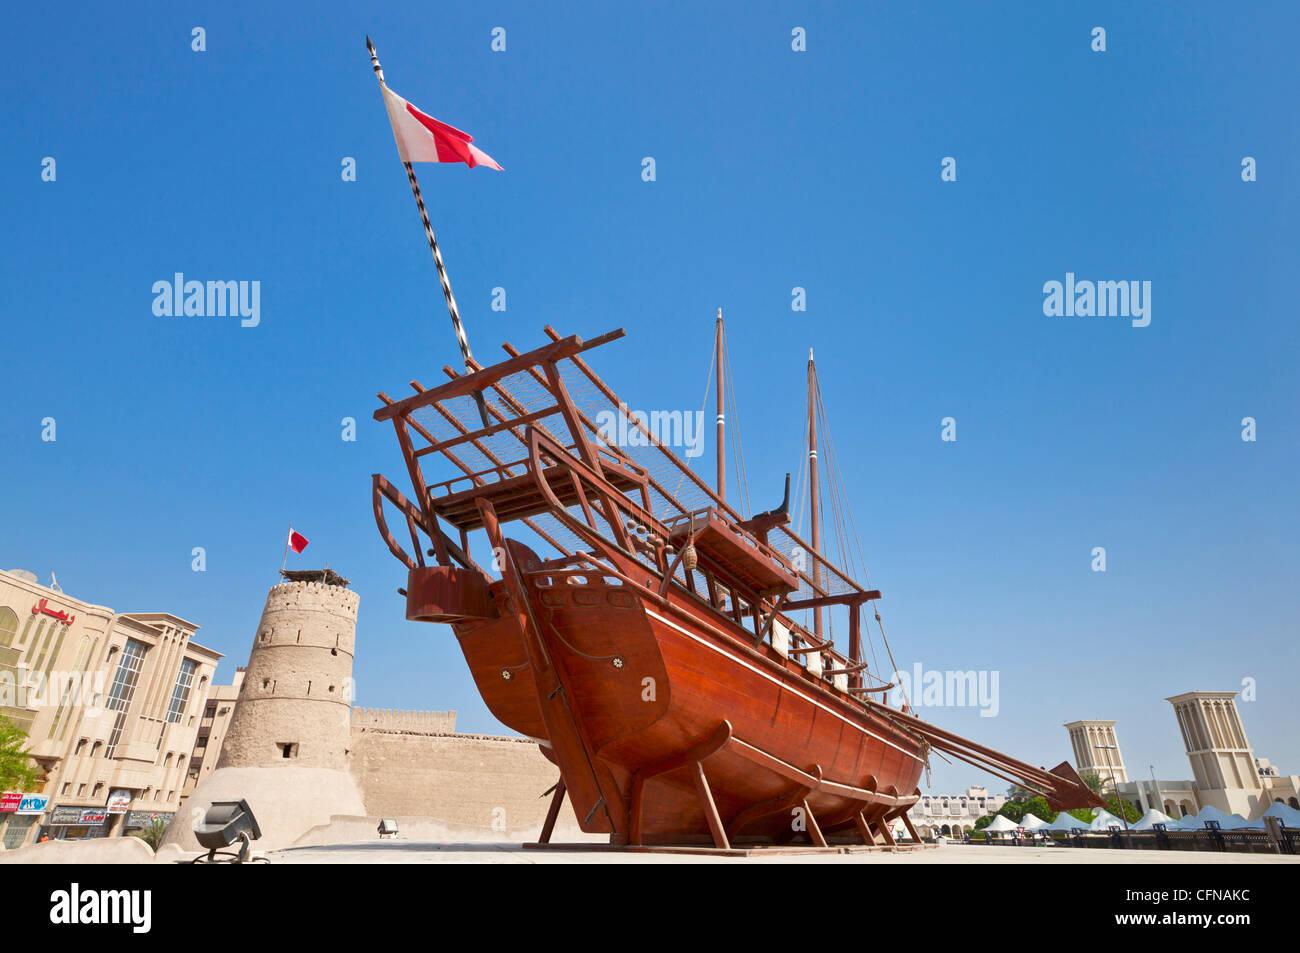 Traditional dhow, Dubai Museum, Al Fahidi Fort, Bur Dubai, United Arab Emirates, Middle East - Stock Image